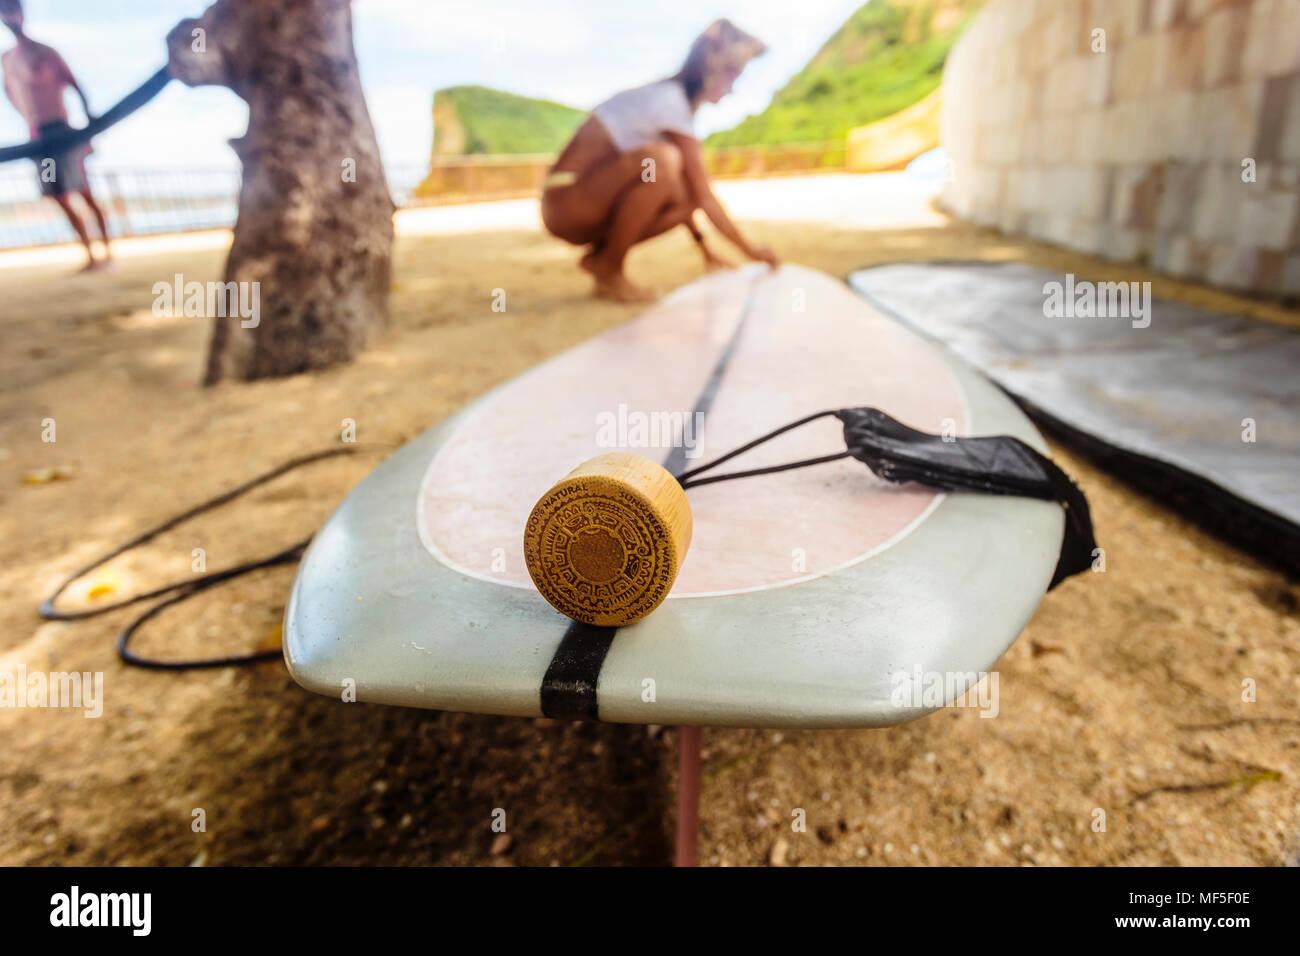 Indonesien, Lombok, Surfbrett und Sonnencreme Stockfoto